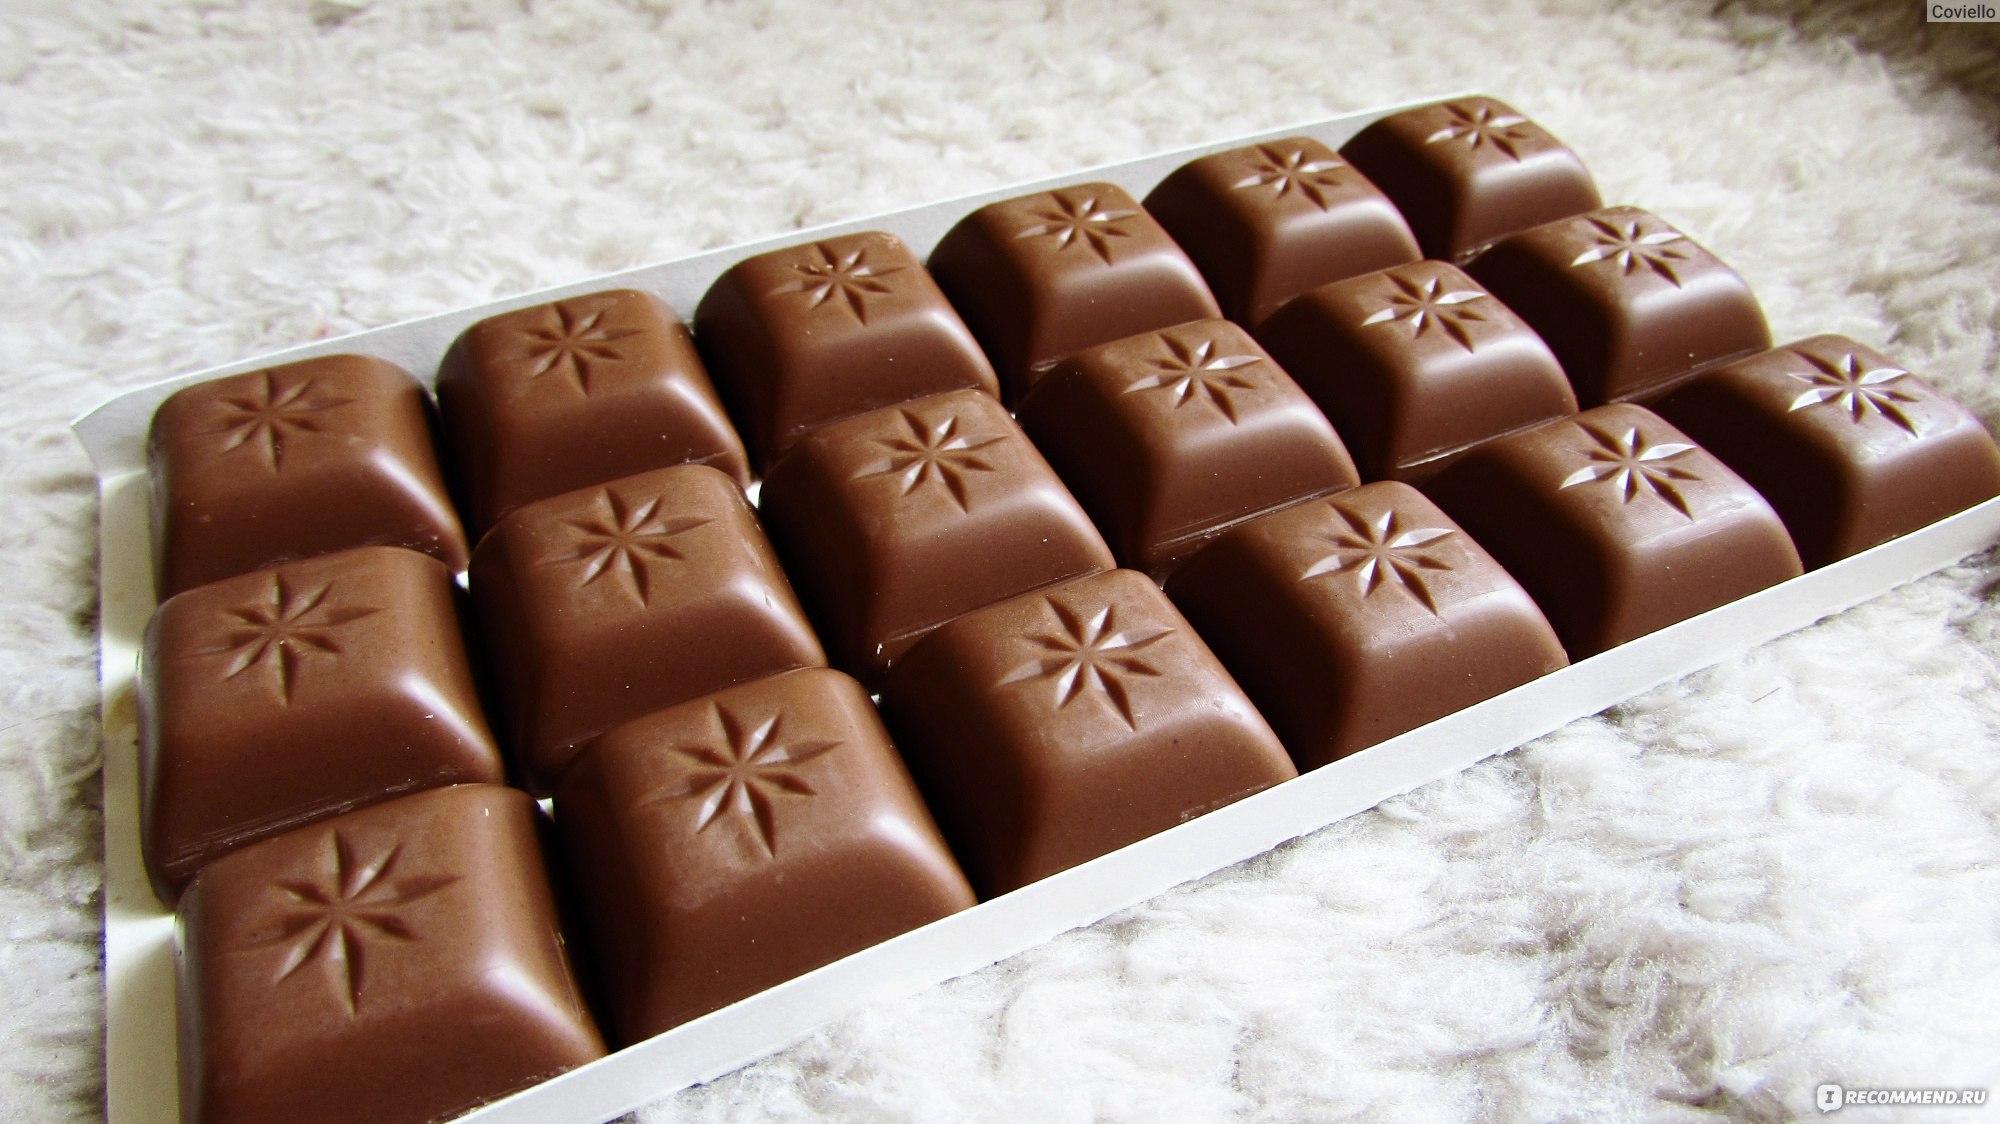 Самая вкусная шоколадка картинки